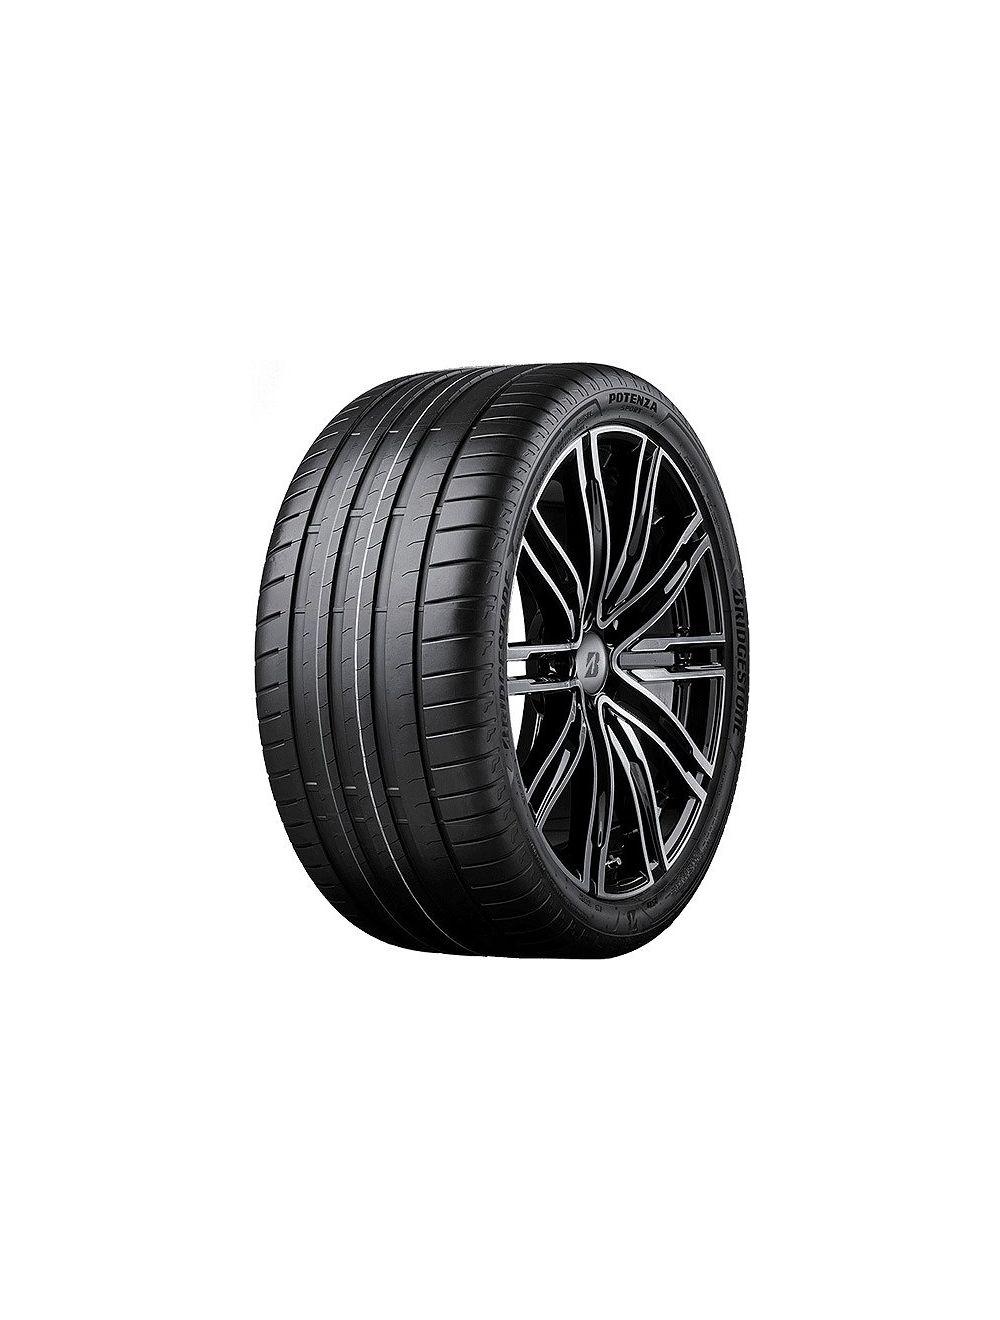 Bridgestone 265/45R20 Y PotenzaSport XL Nyári gumi